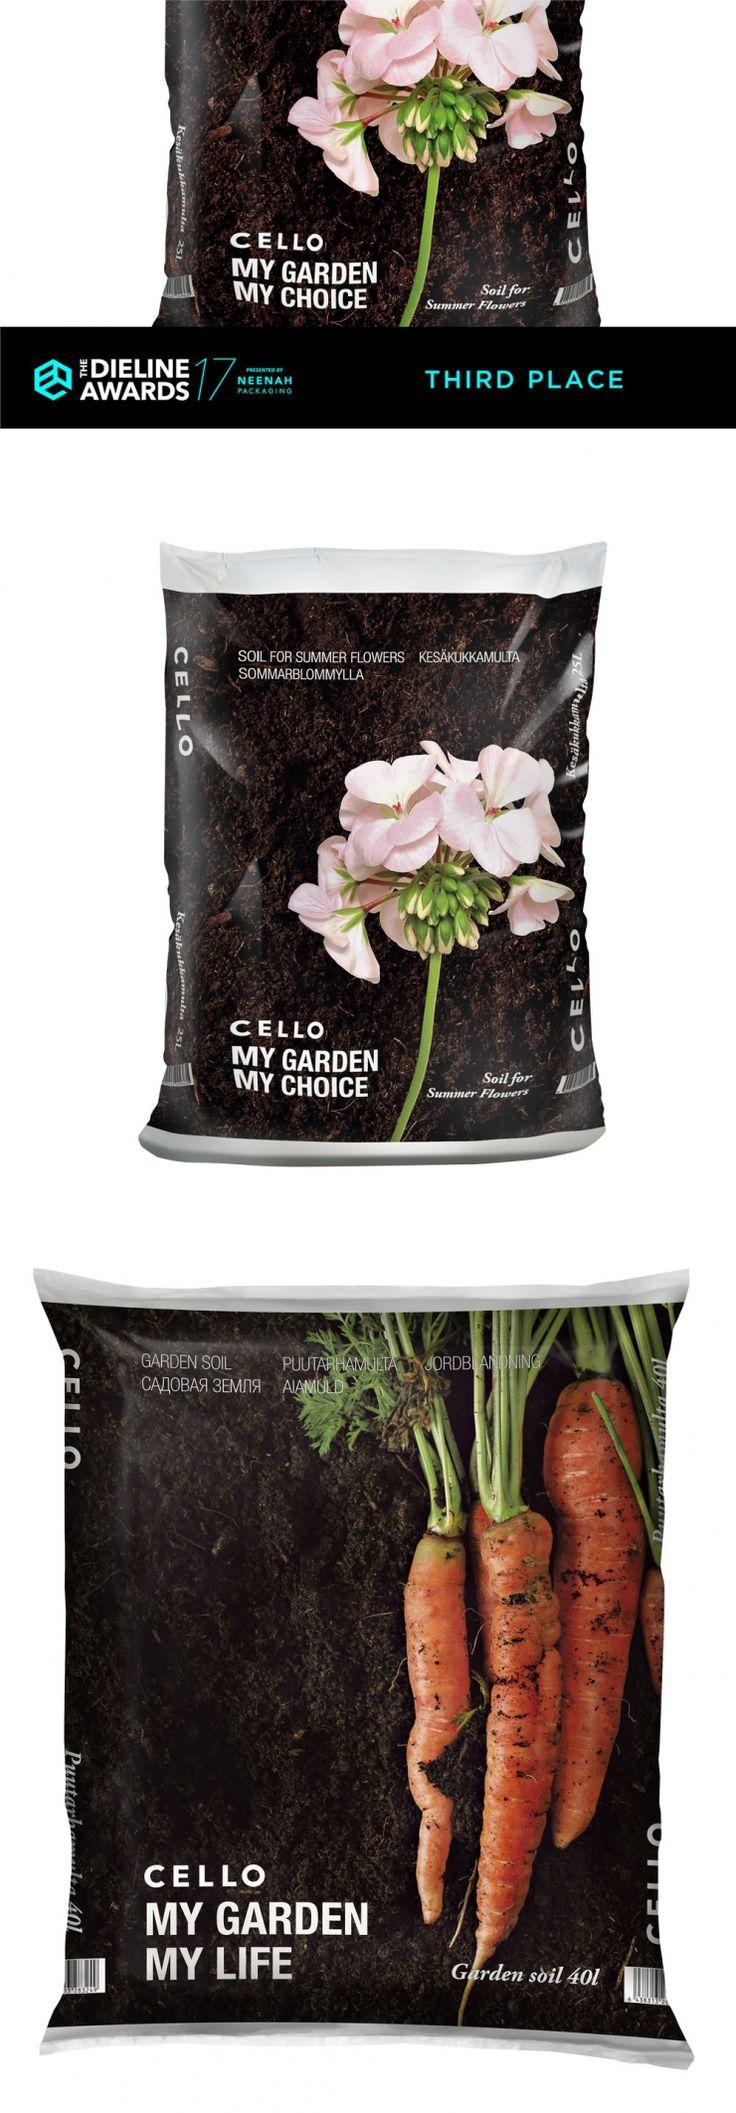 The Dieline Awards 2017: Cello Garden Soils — The Dieline | Packaging & Branding Design & Innovation News